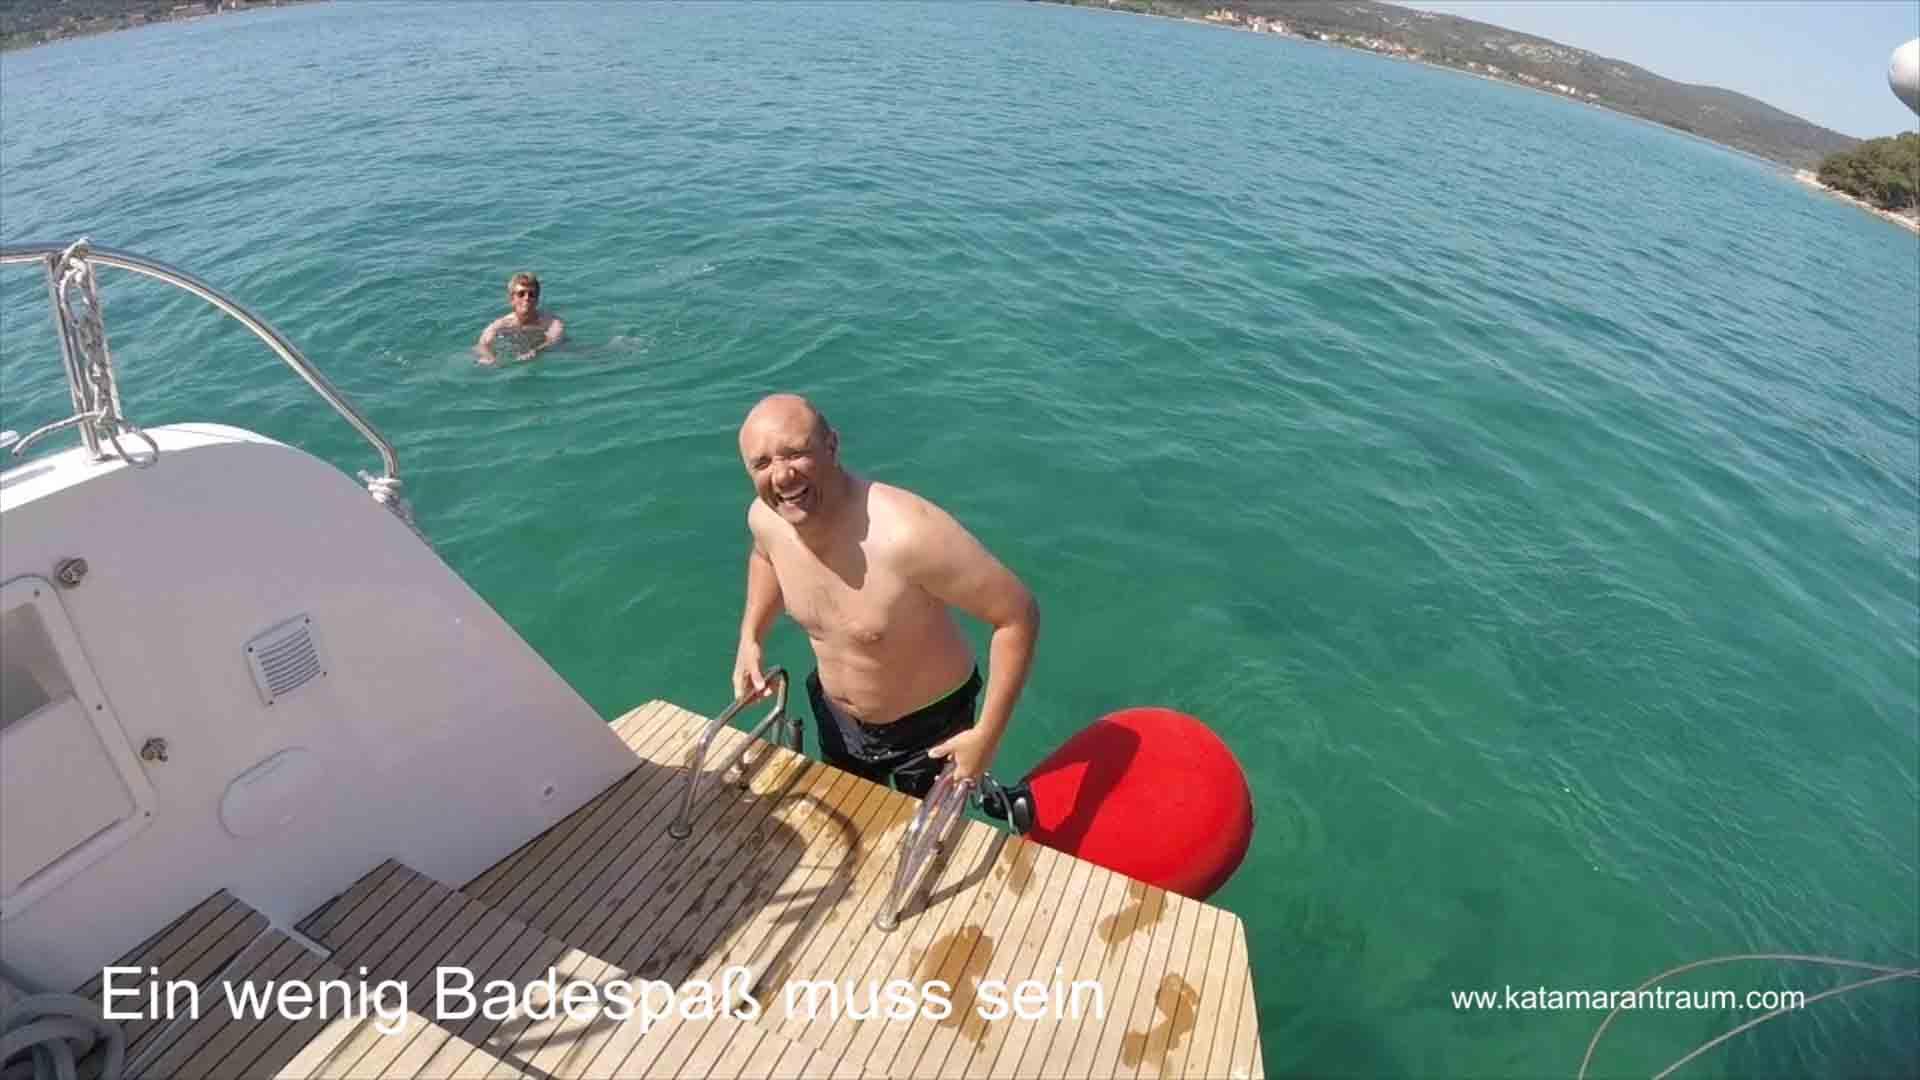 In der Katamarantraining Woche ist auch Badespaß angesagt